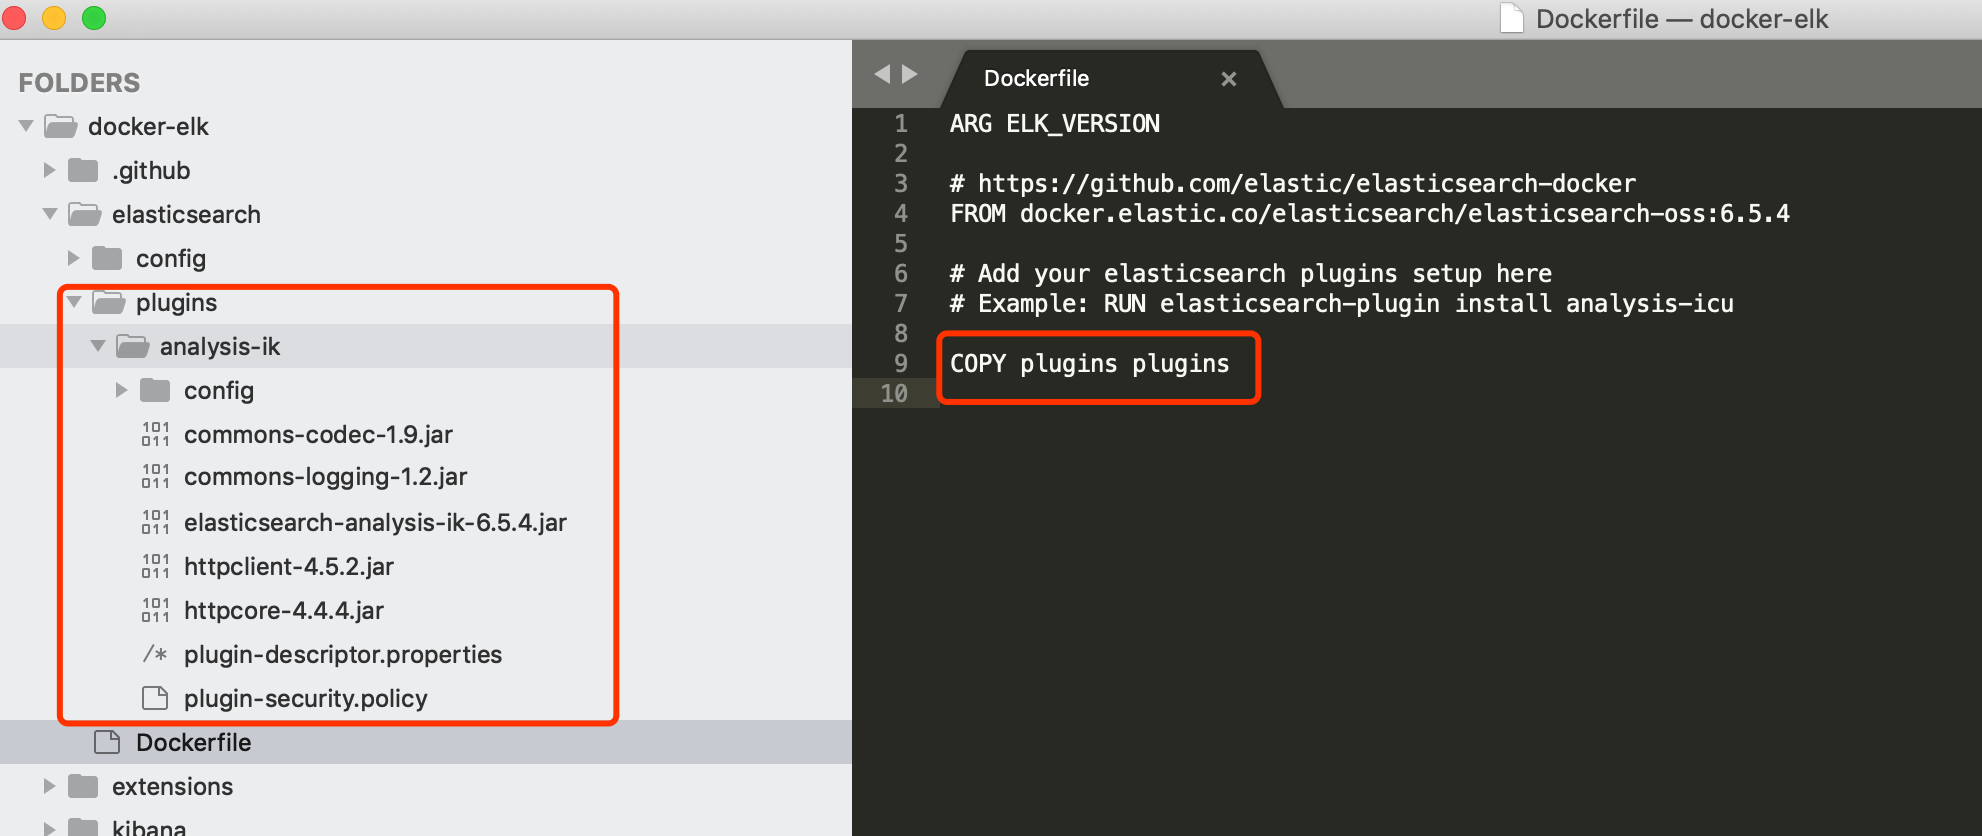 how to install ik plugins? · Issue #349 · deviantony/docker